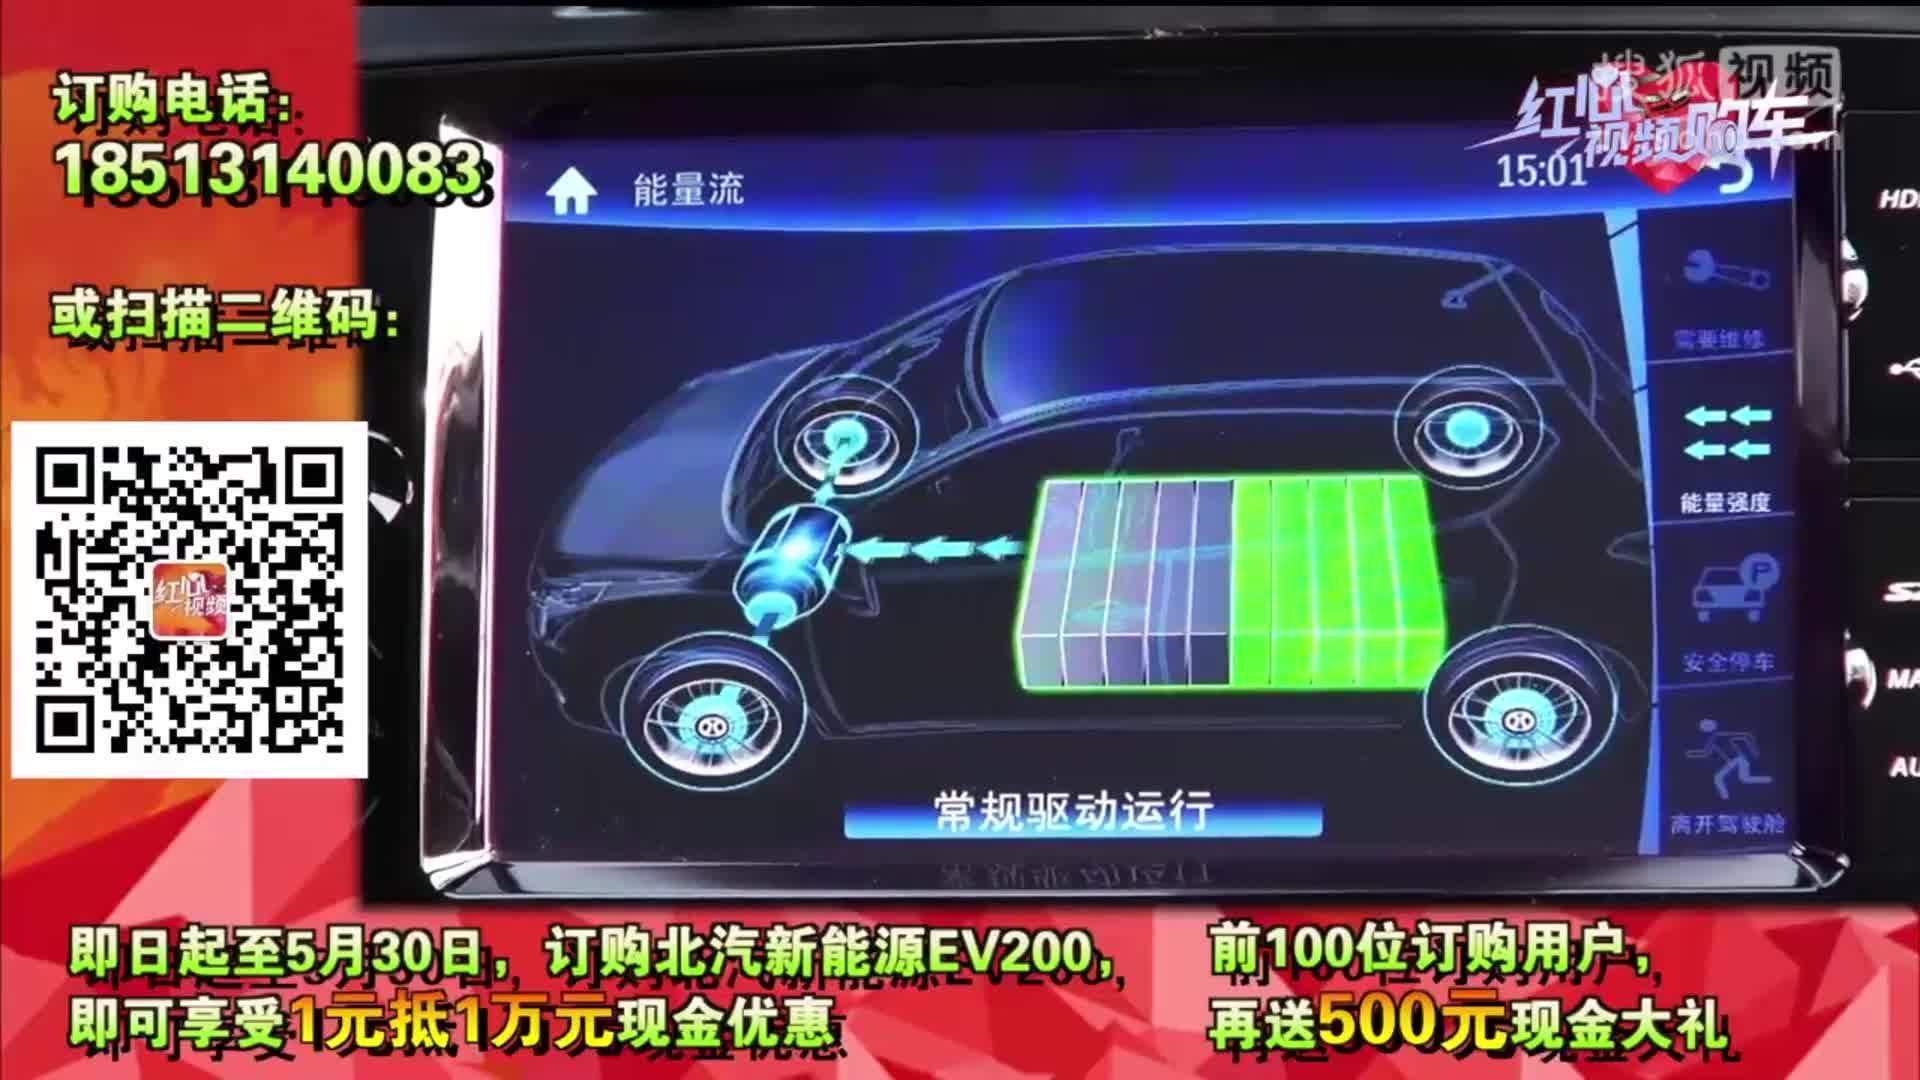 红心视频购车 1元抢订北汽新能源EV